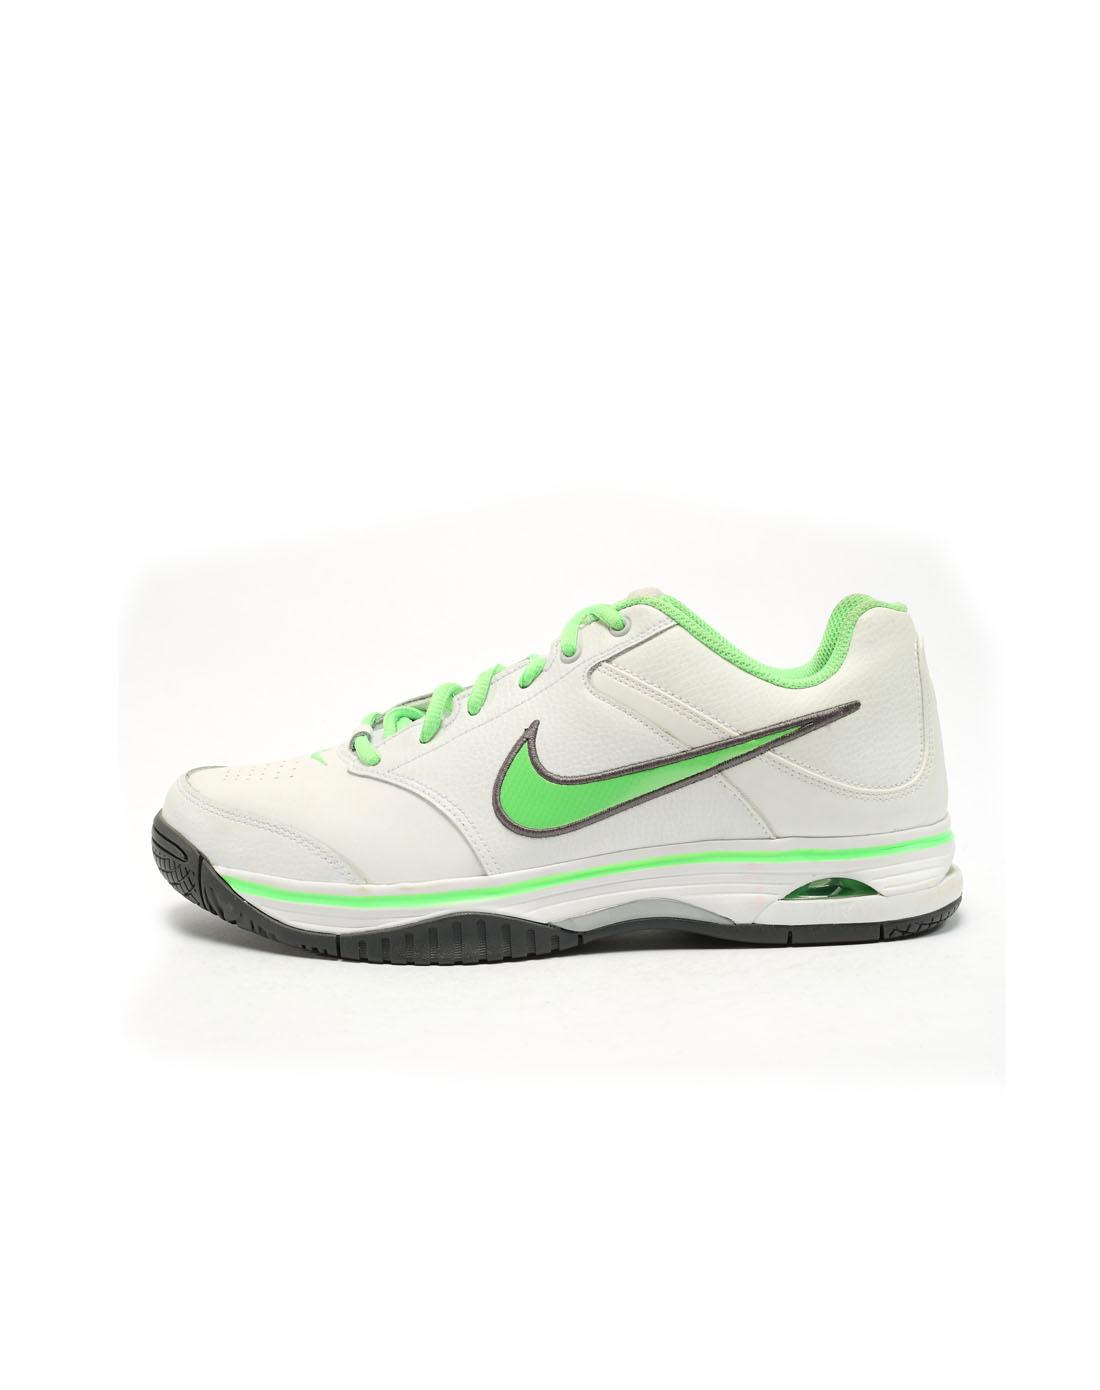 耐克nike男子白色网球鞋395522-105